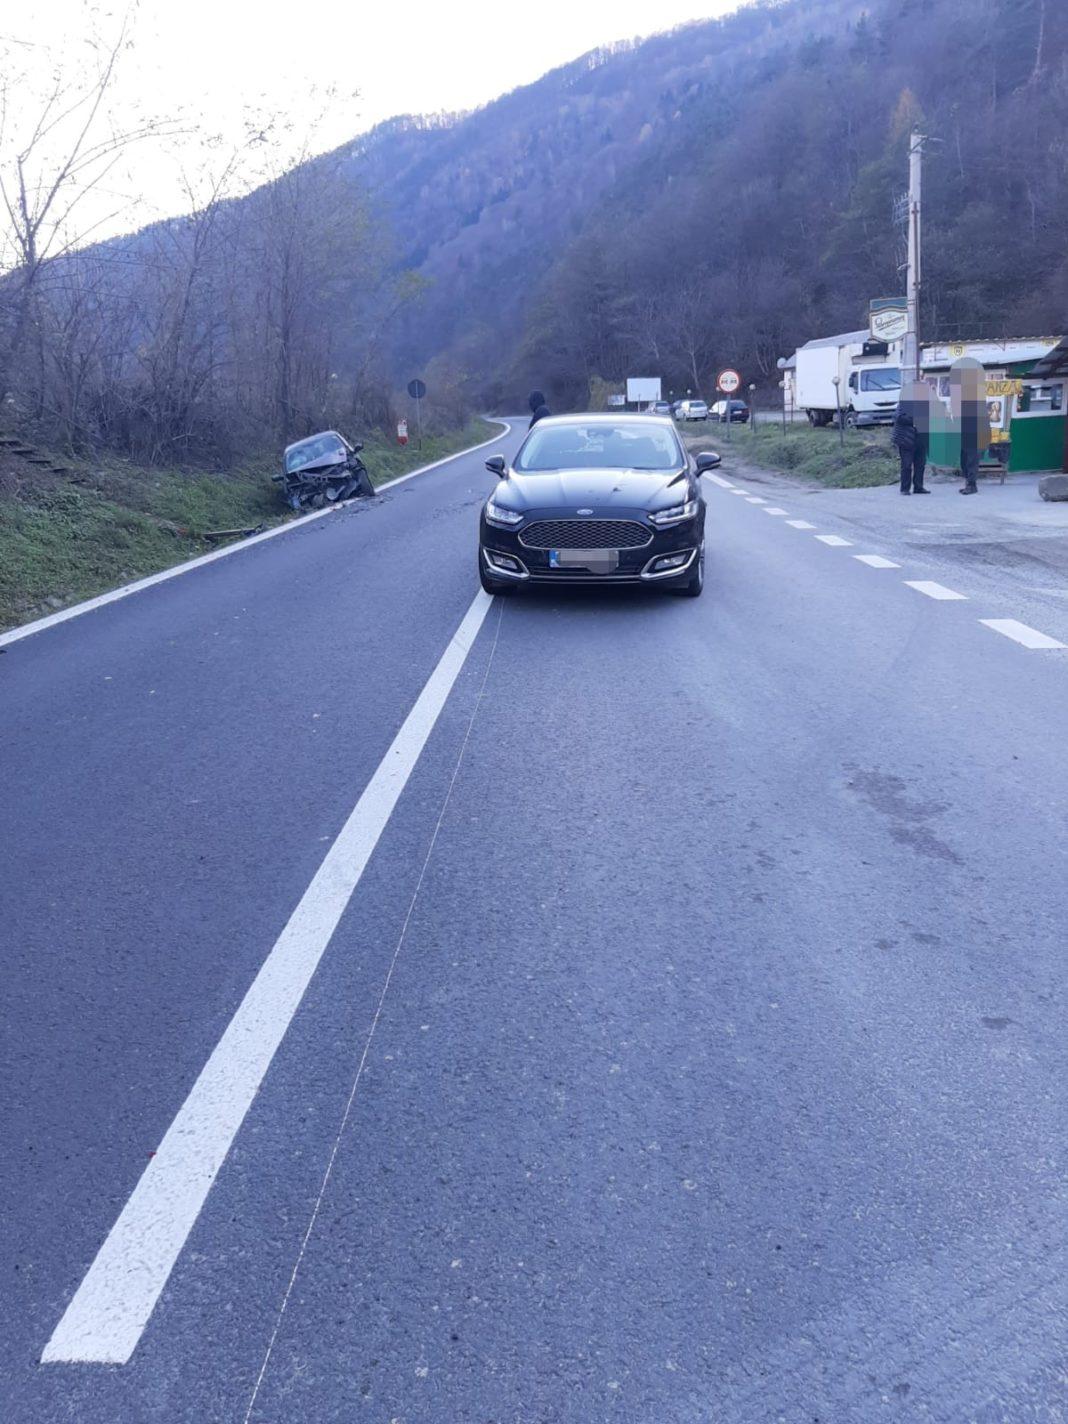 Un accident rutier a avut loc în urmă cu puțin timp în zona Balta Verde, județul Vâlcea, în urma căruia o persoană a fost rănită